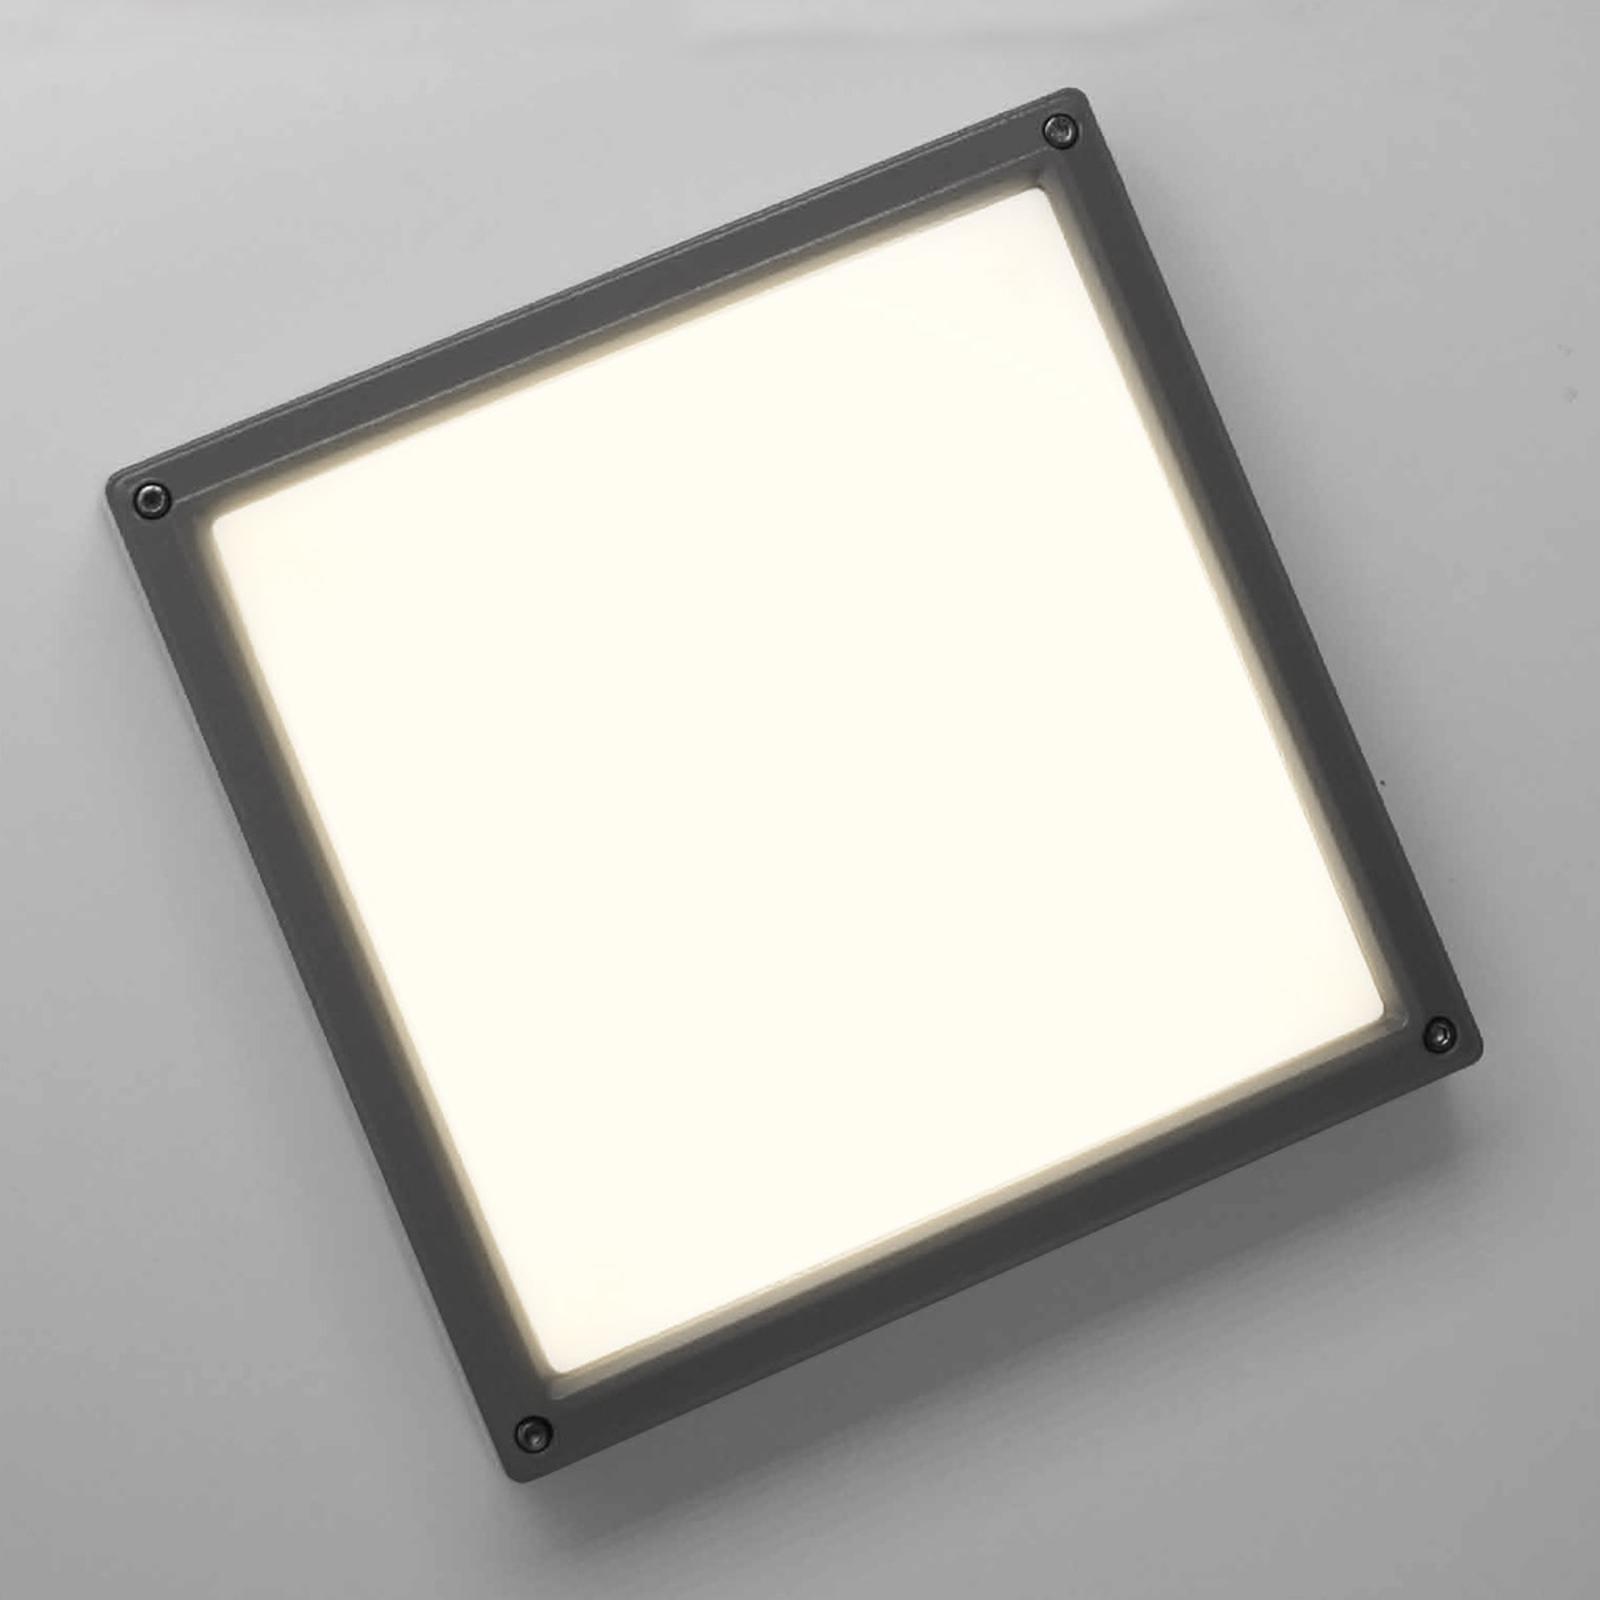 SUN 11 - aplique LED 13W, antracita 3K